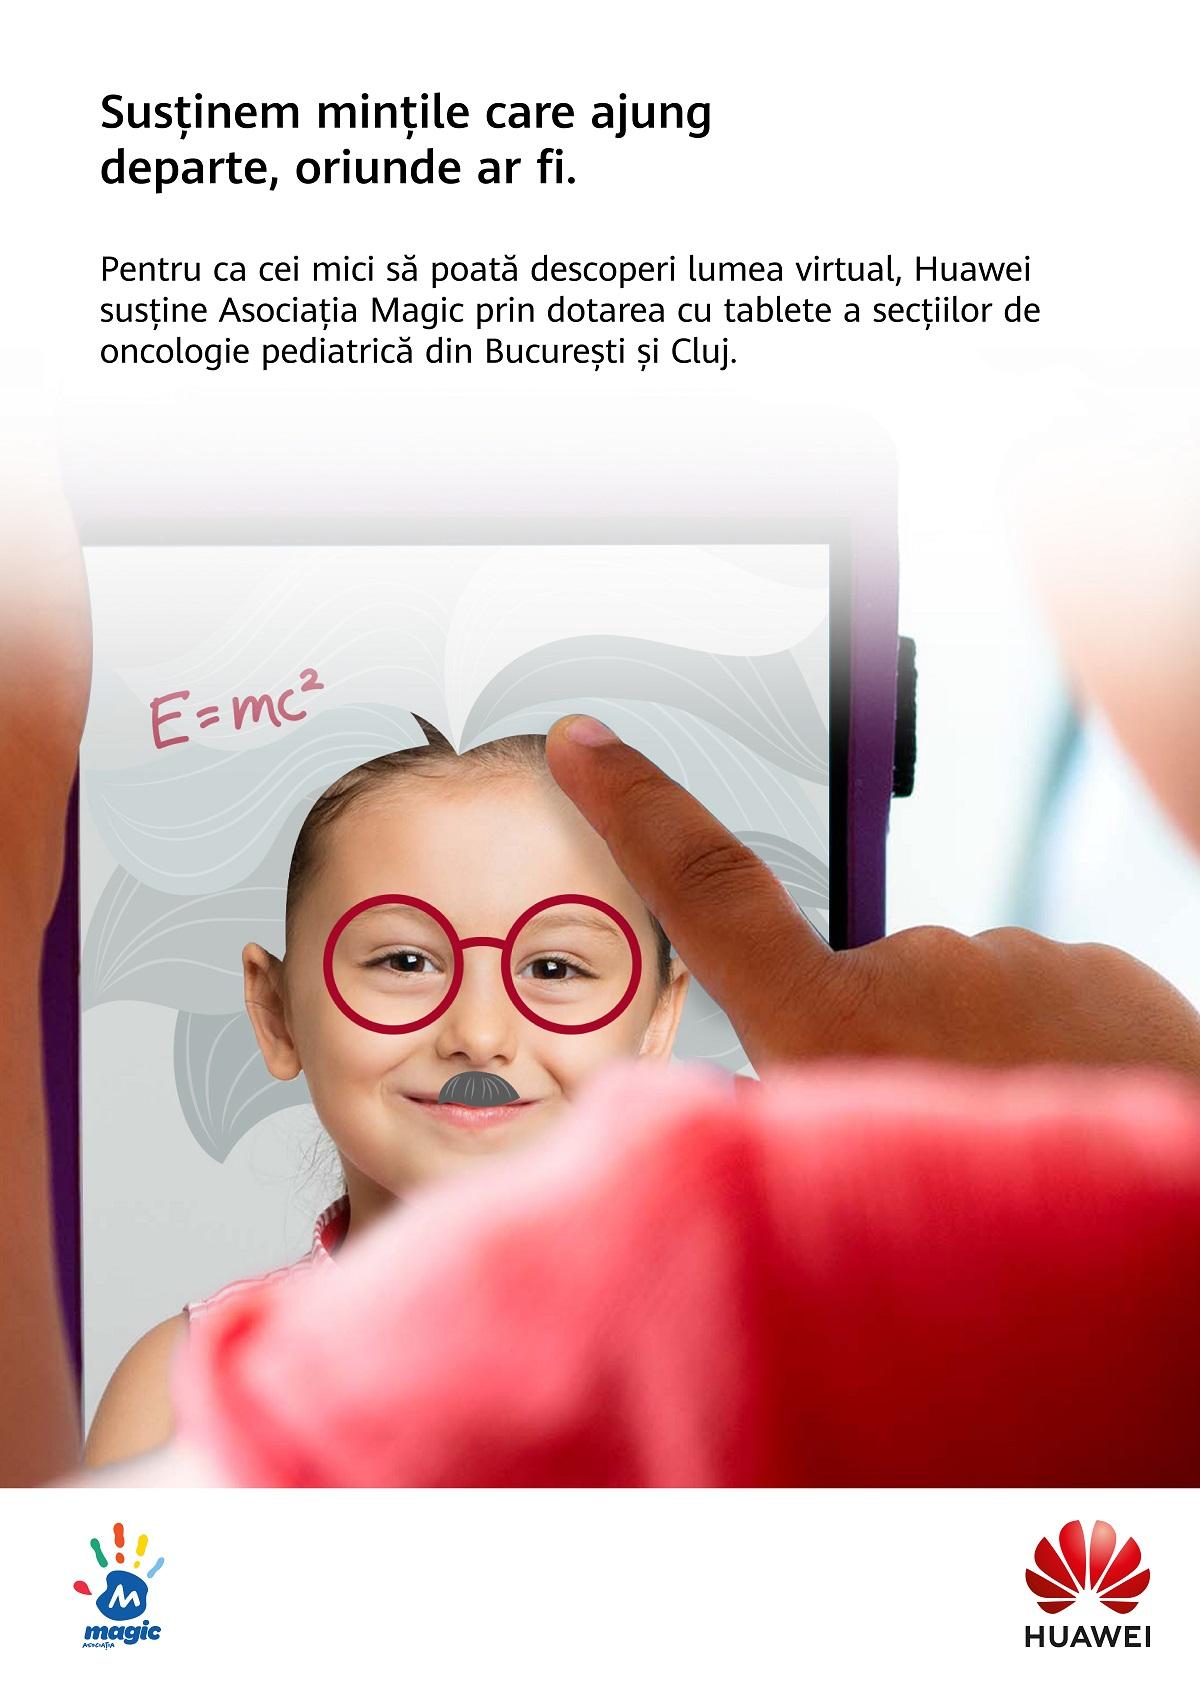 Huawei susține Asociația Magic prin echiparea cu tablete a secțiilor de oncologie pediatrică